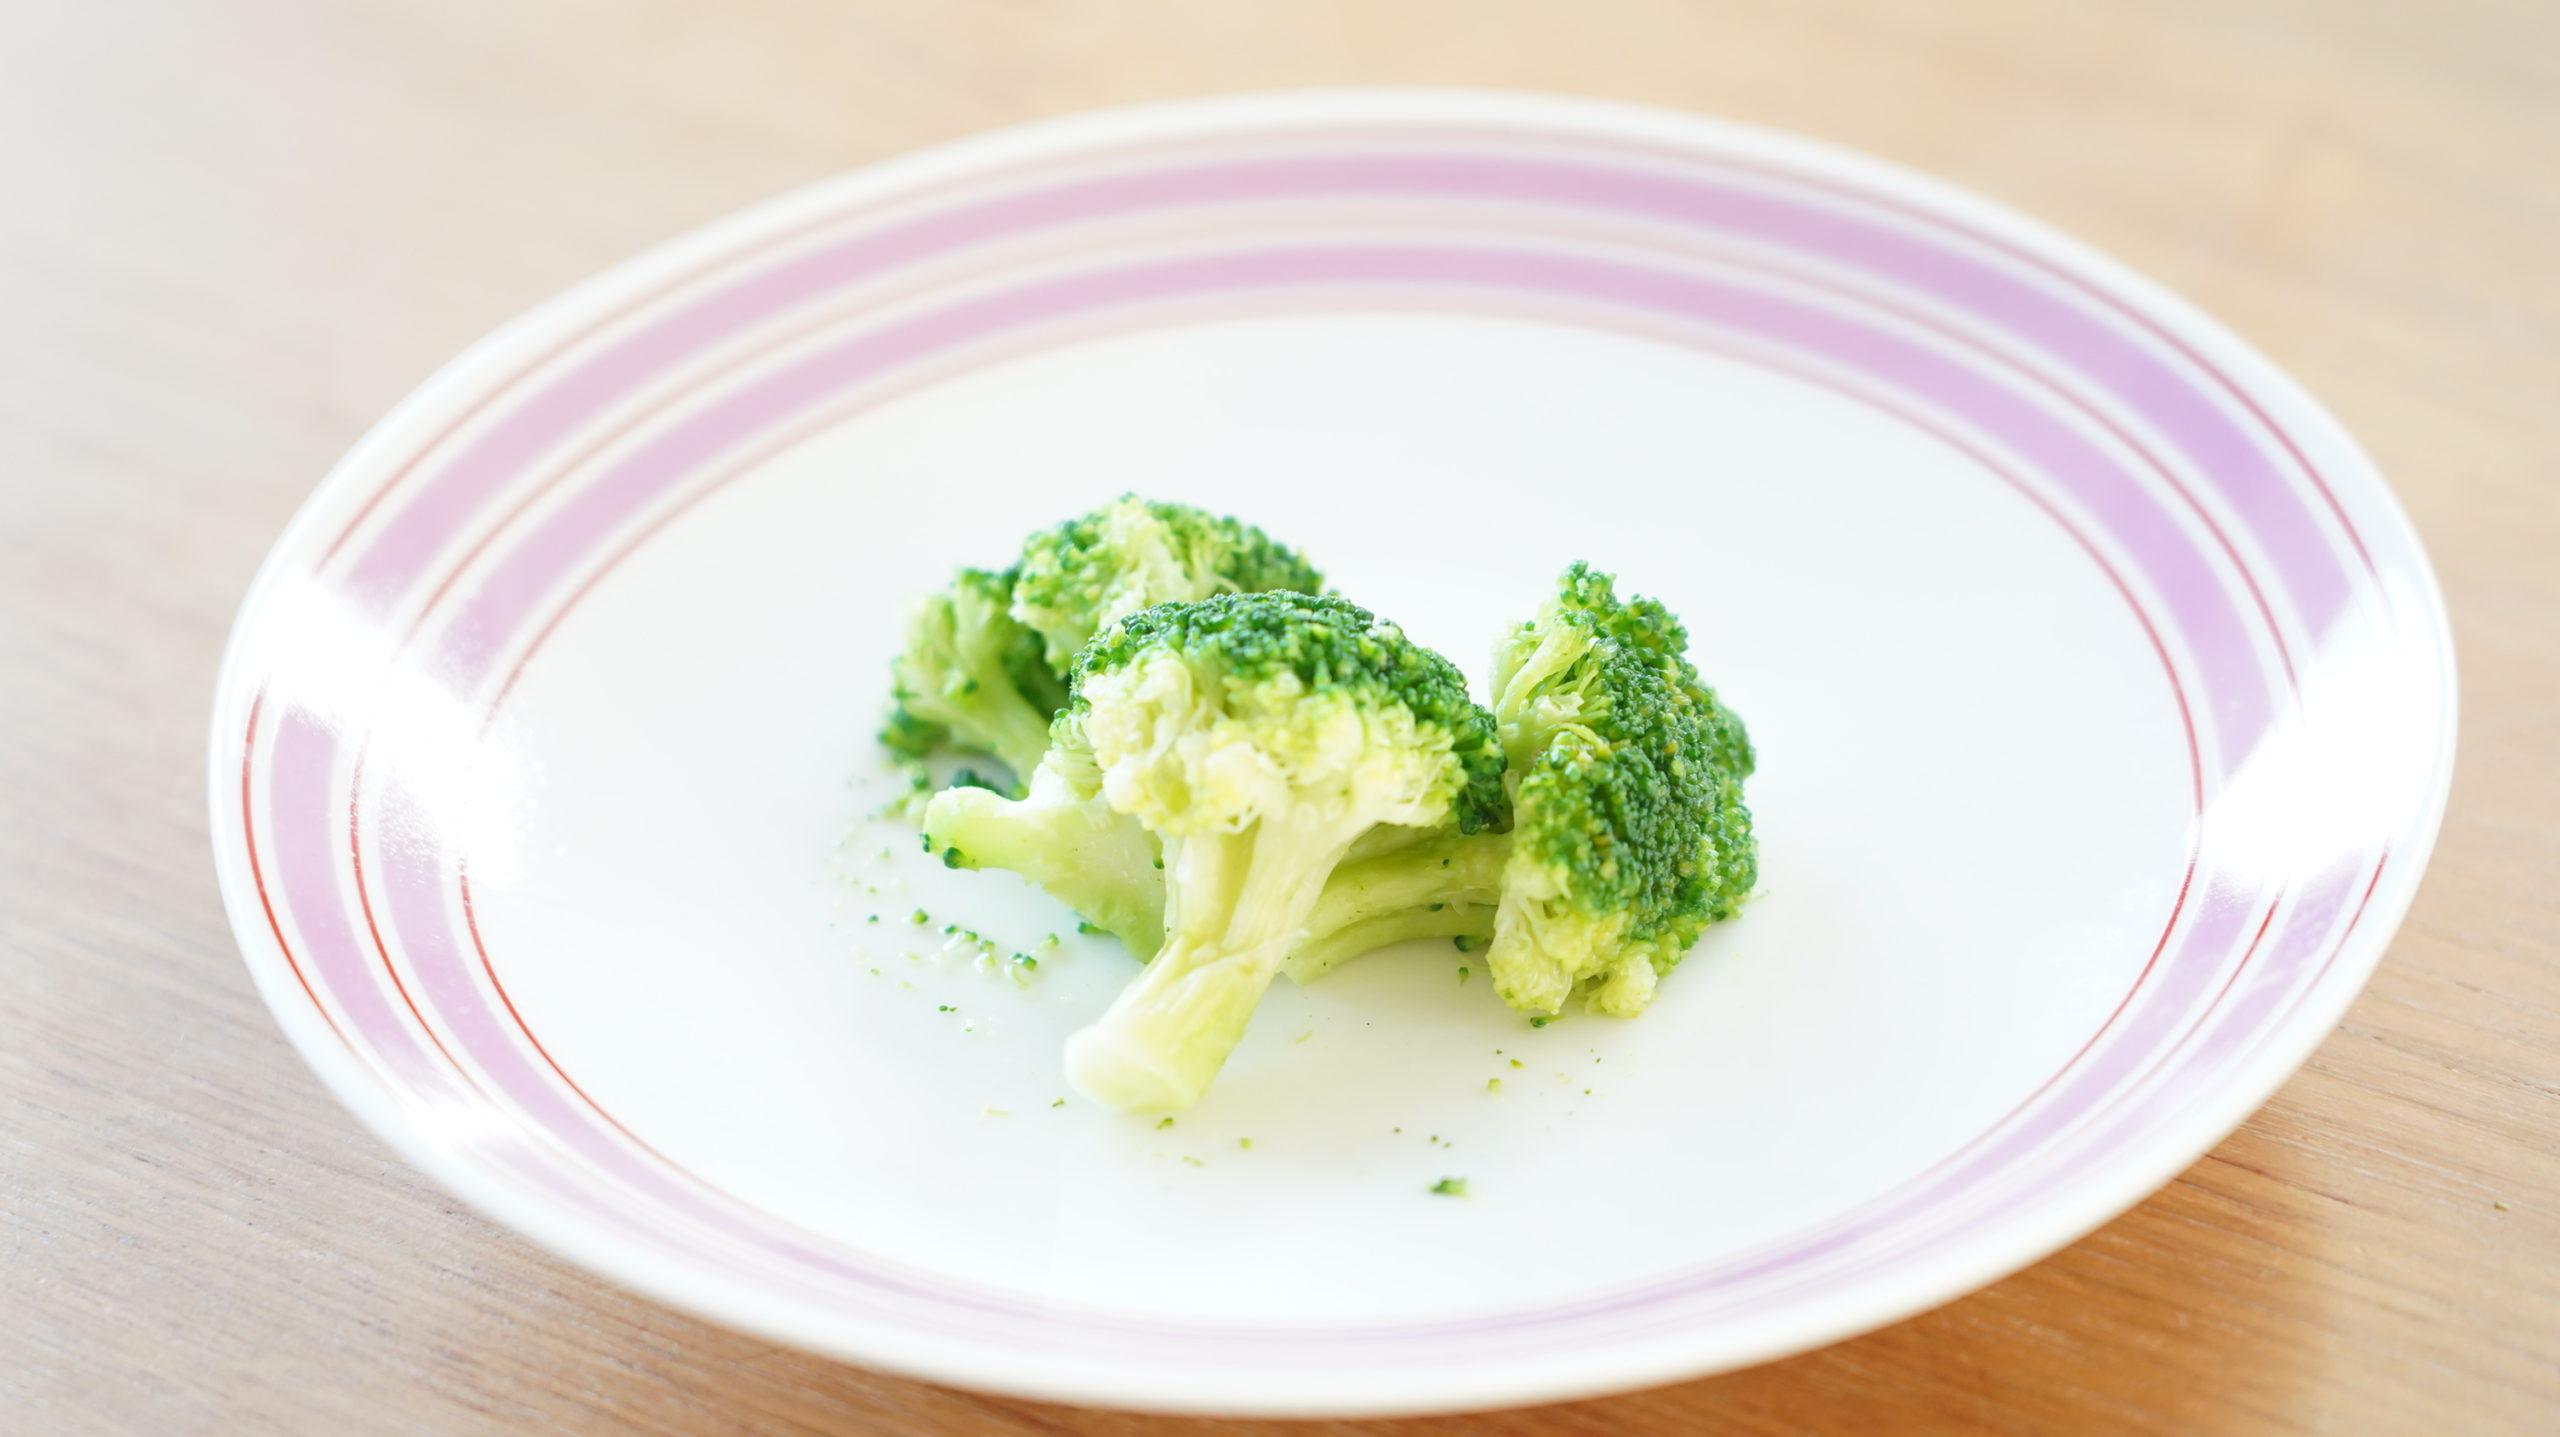 コストコの冷凍食品「ブロッコリー 100%ナチュラル」の調理後の写真